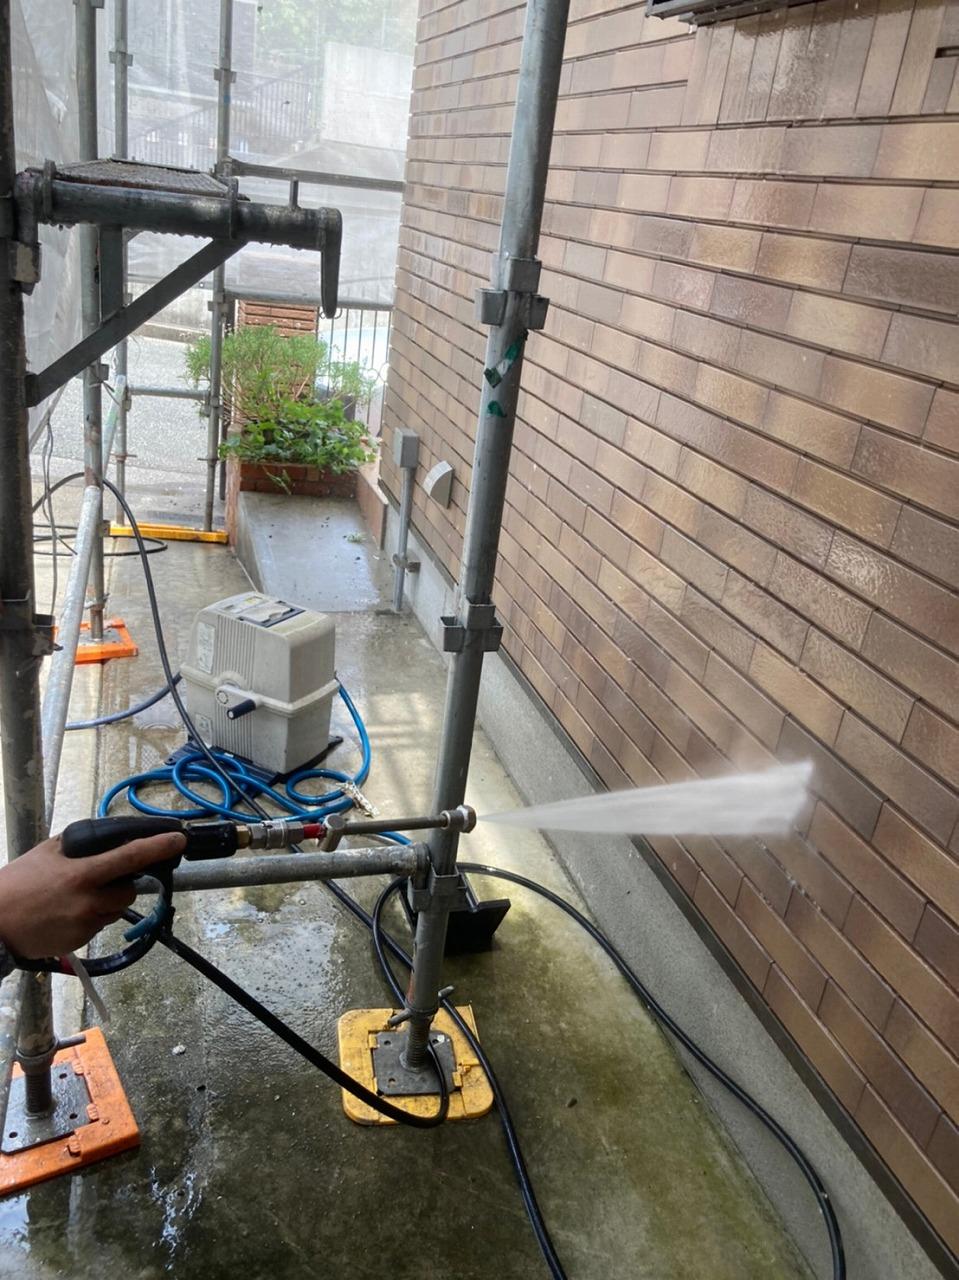 生駒市の外壁塗装現場で外壁の洗浄作業